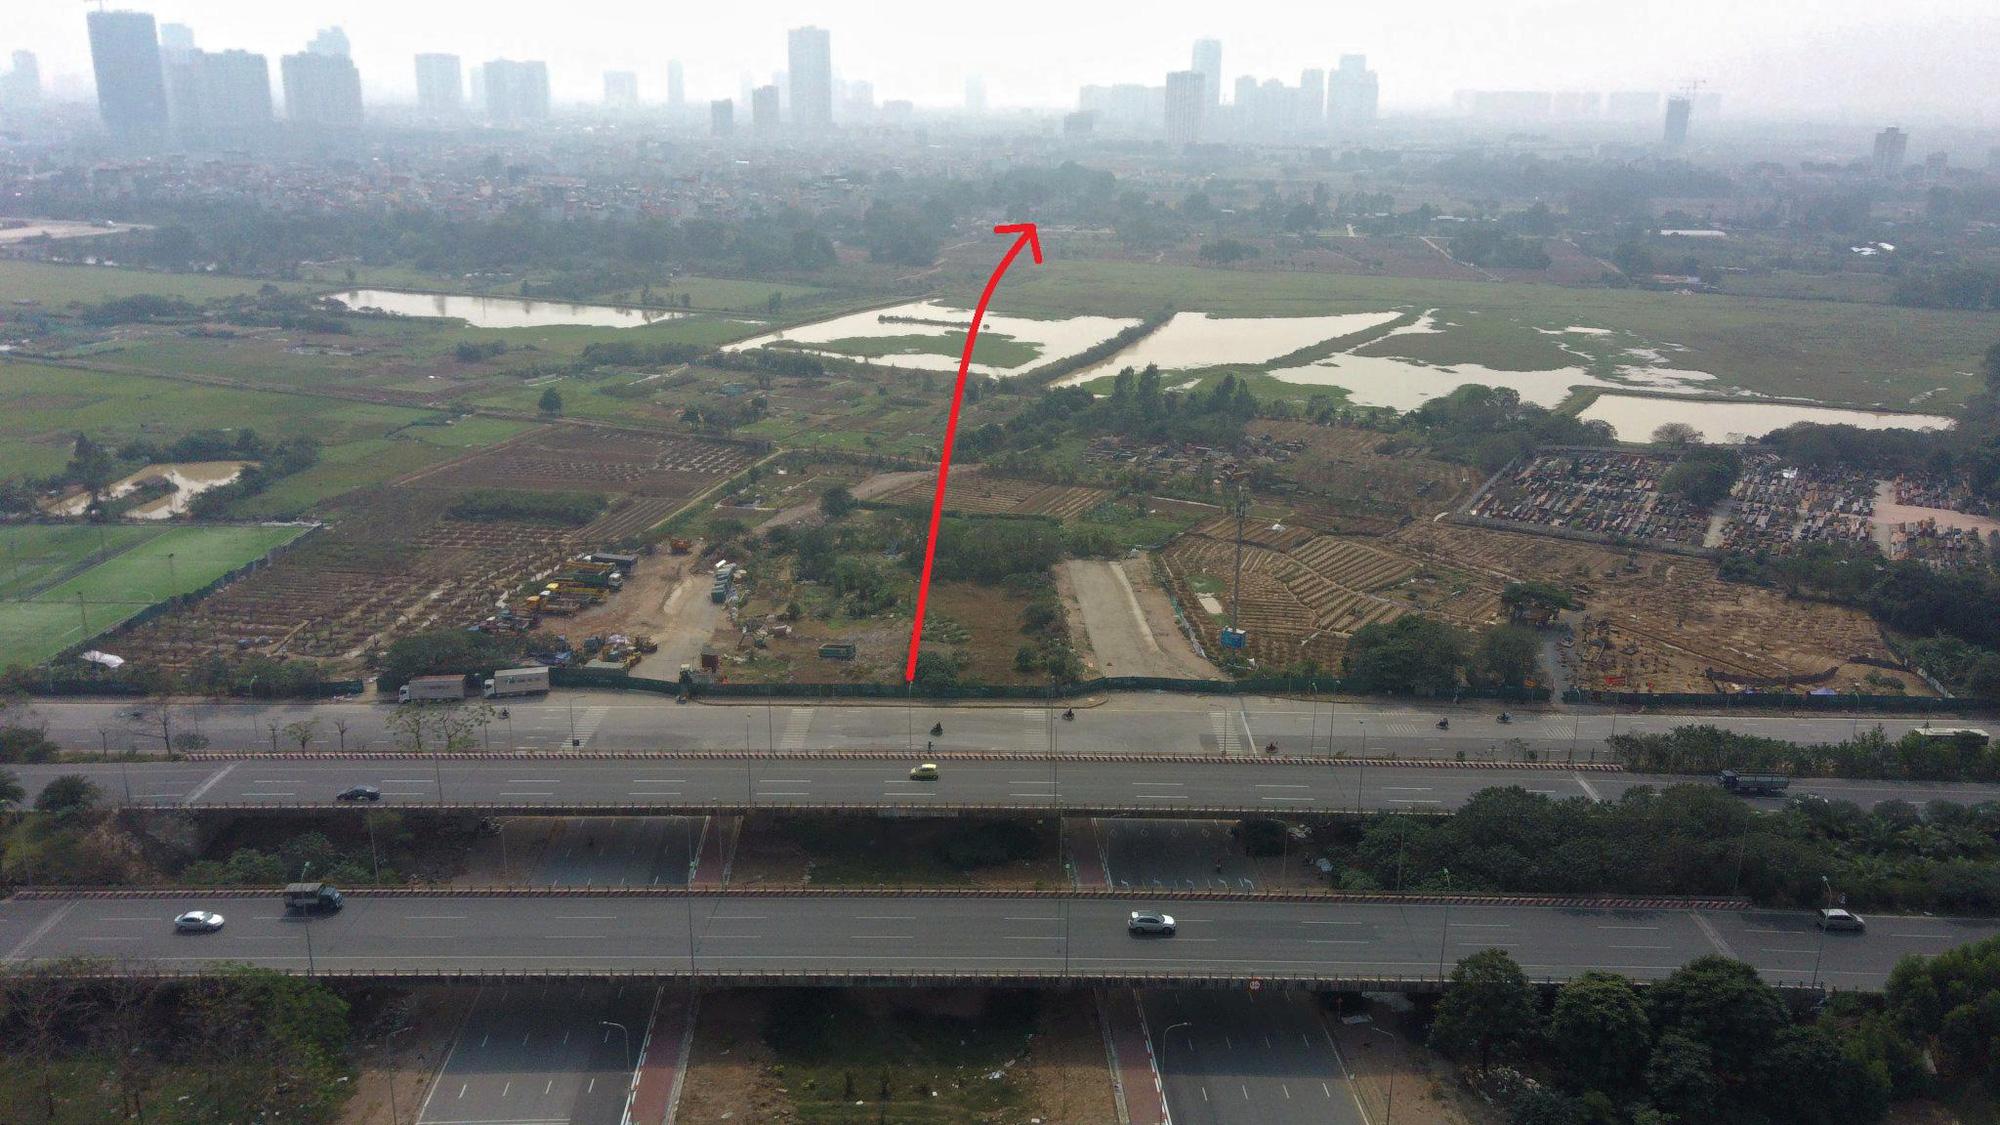 Qui hoạch giao thông Hà Nội: 4 đường sẽ mở ở phường Mễ Trì, Nam Từ Liêm - Ảnh 2.